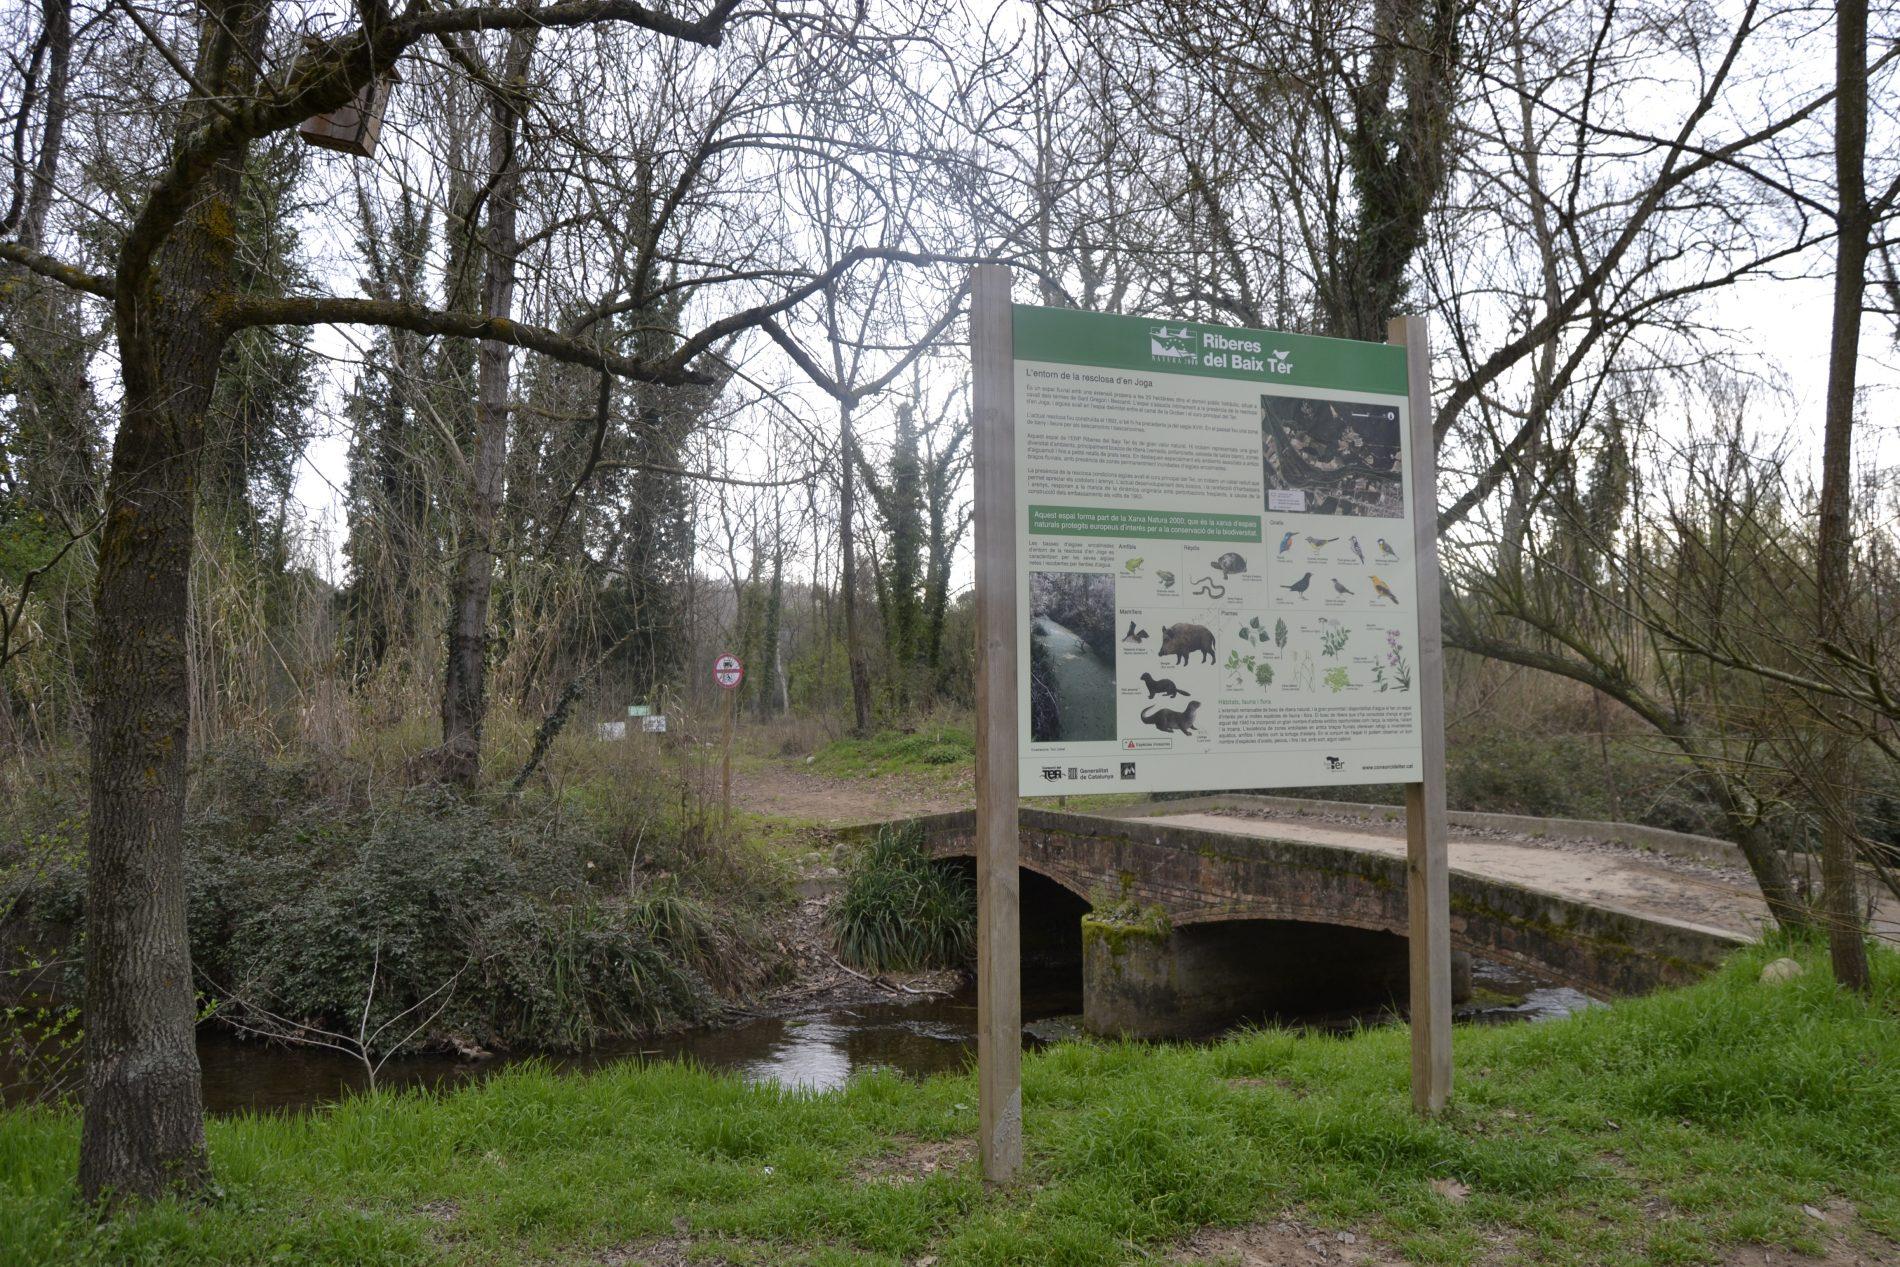 cartell informatiu de la flora i fauna de les riberes del Ter - Bescanó